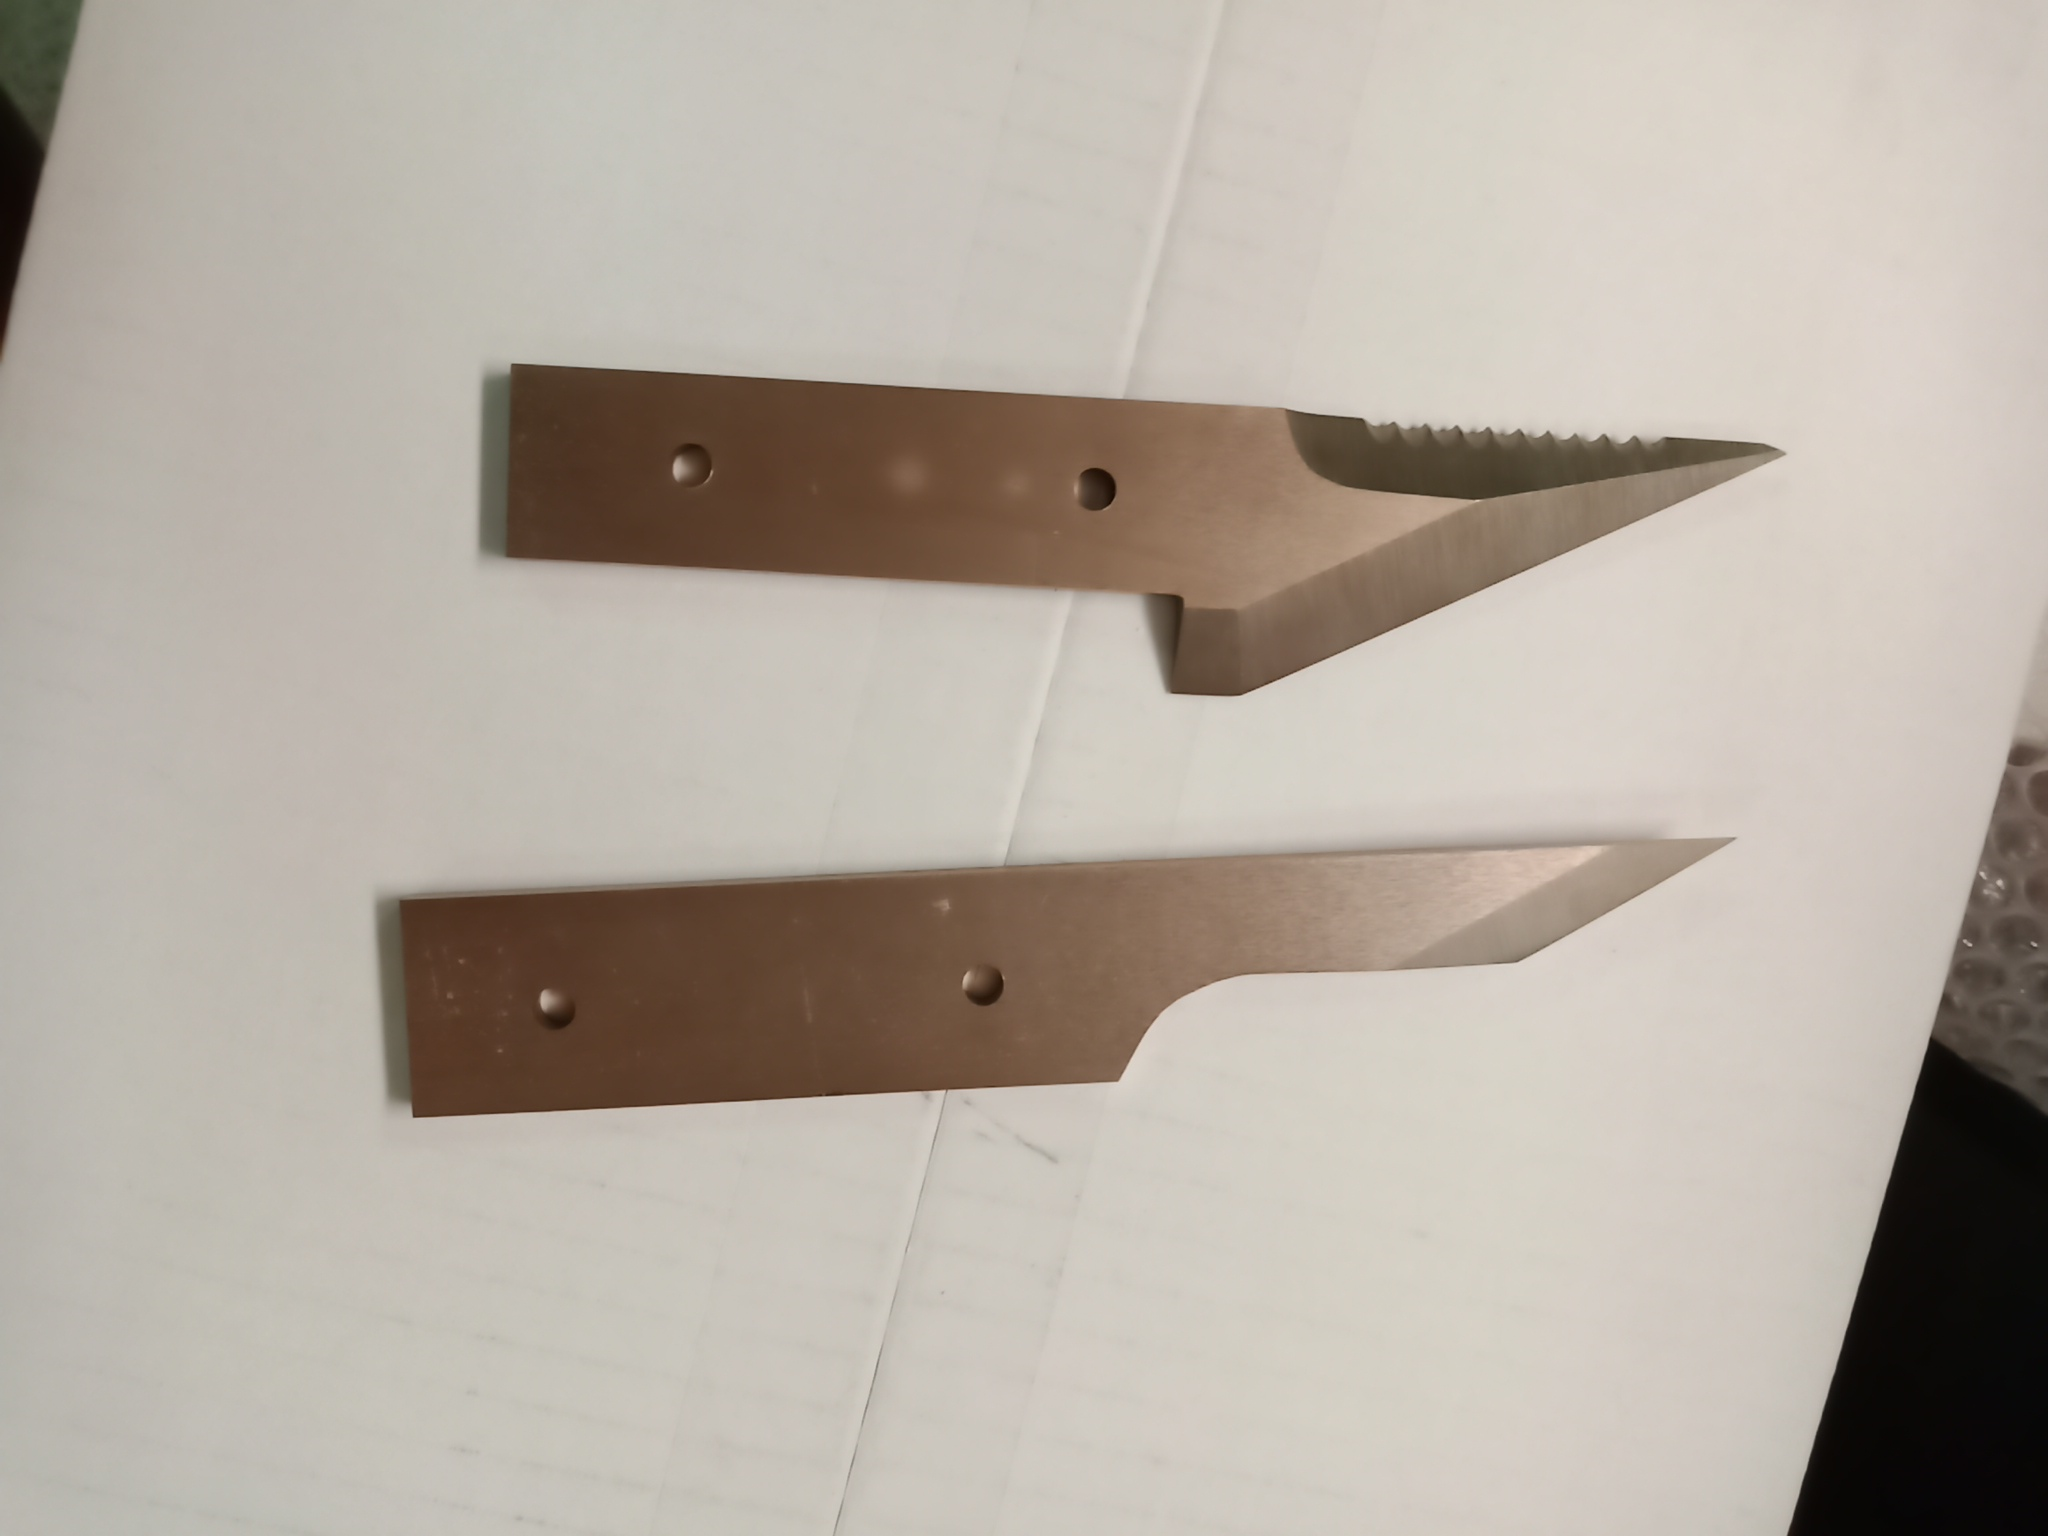 自作のナイフと締め具